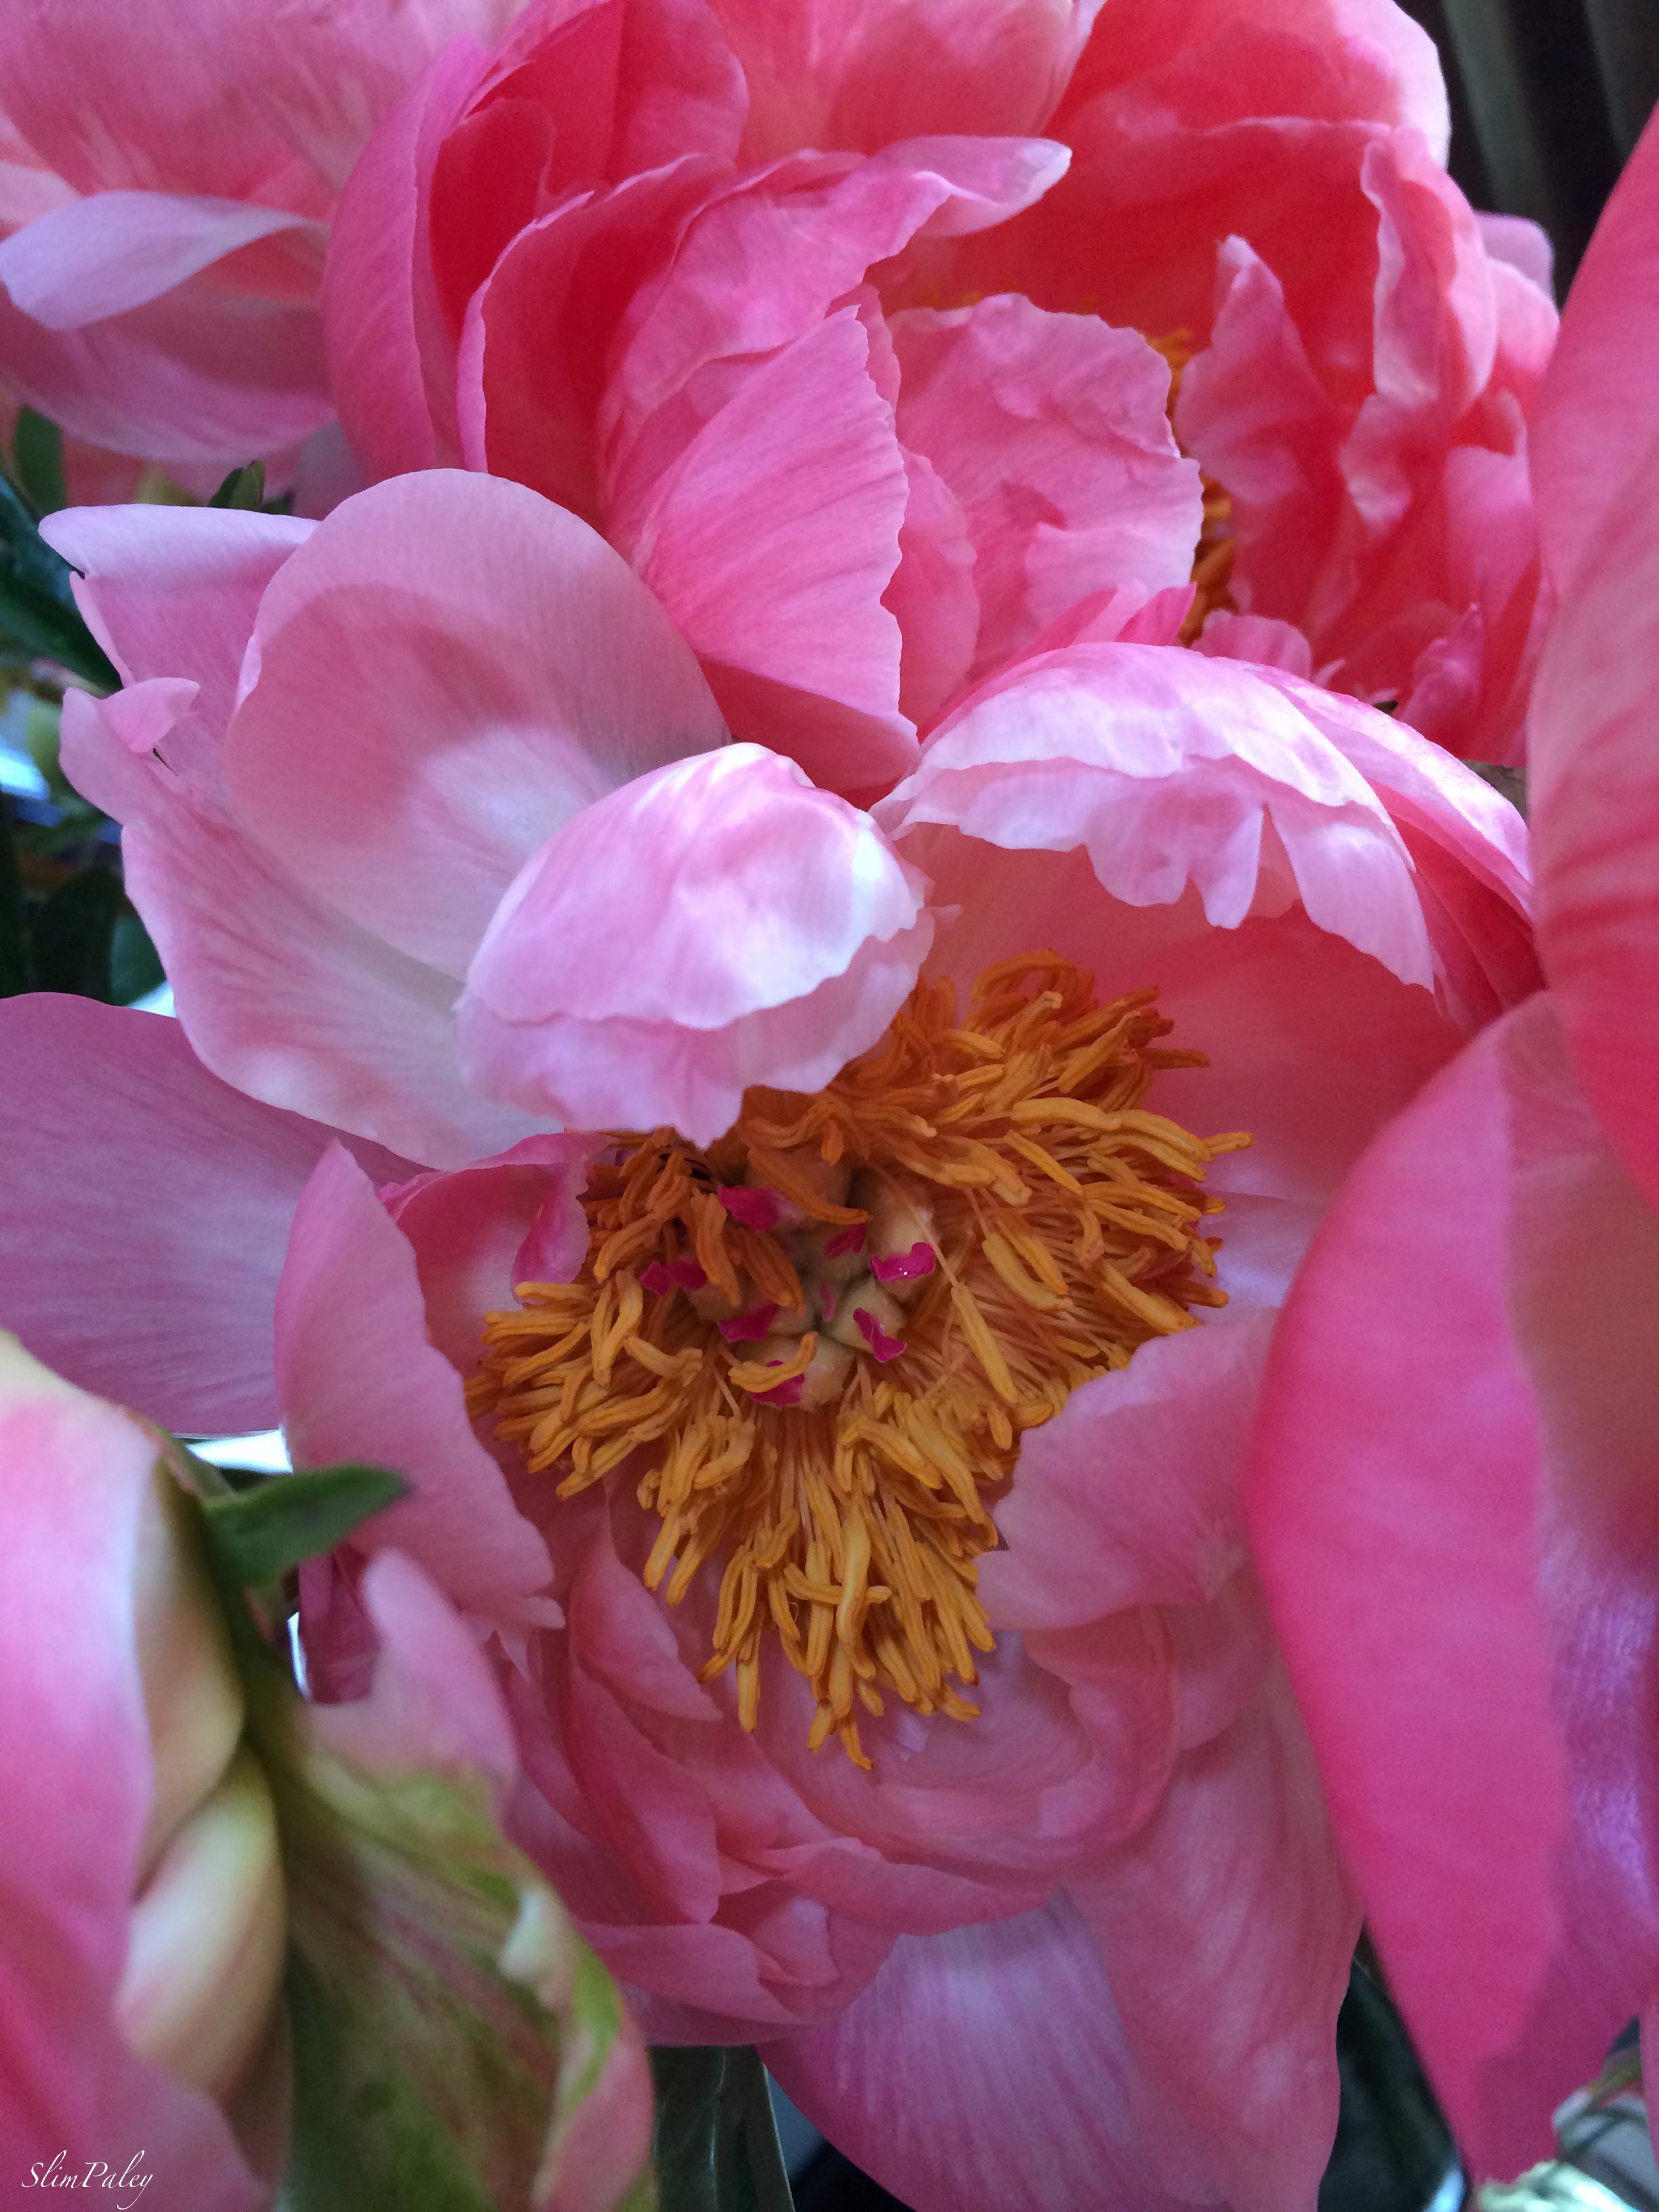 pink peonies slimpaley